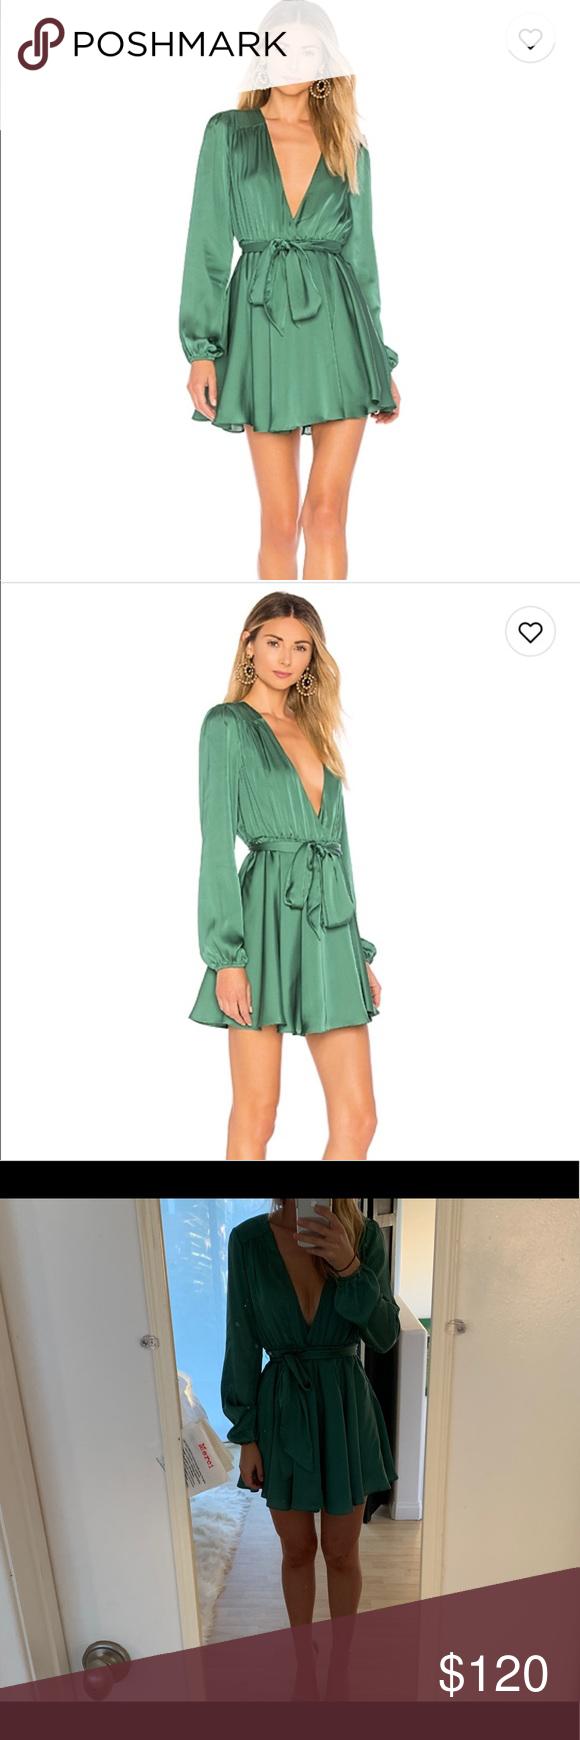 Lovers Friends Ivy Dress Green Silk Dresses Dresses Lovers And Friends Dress